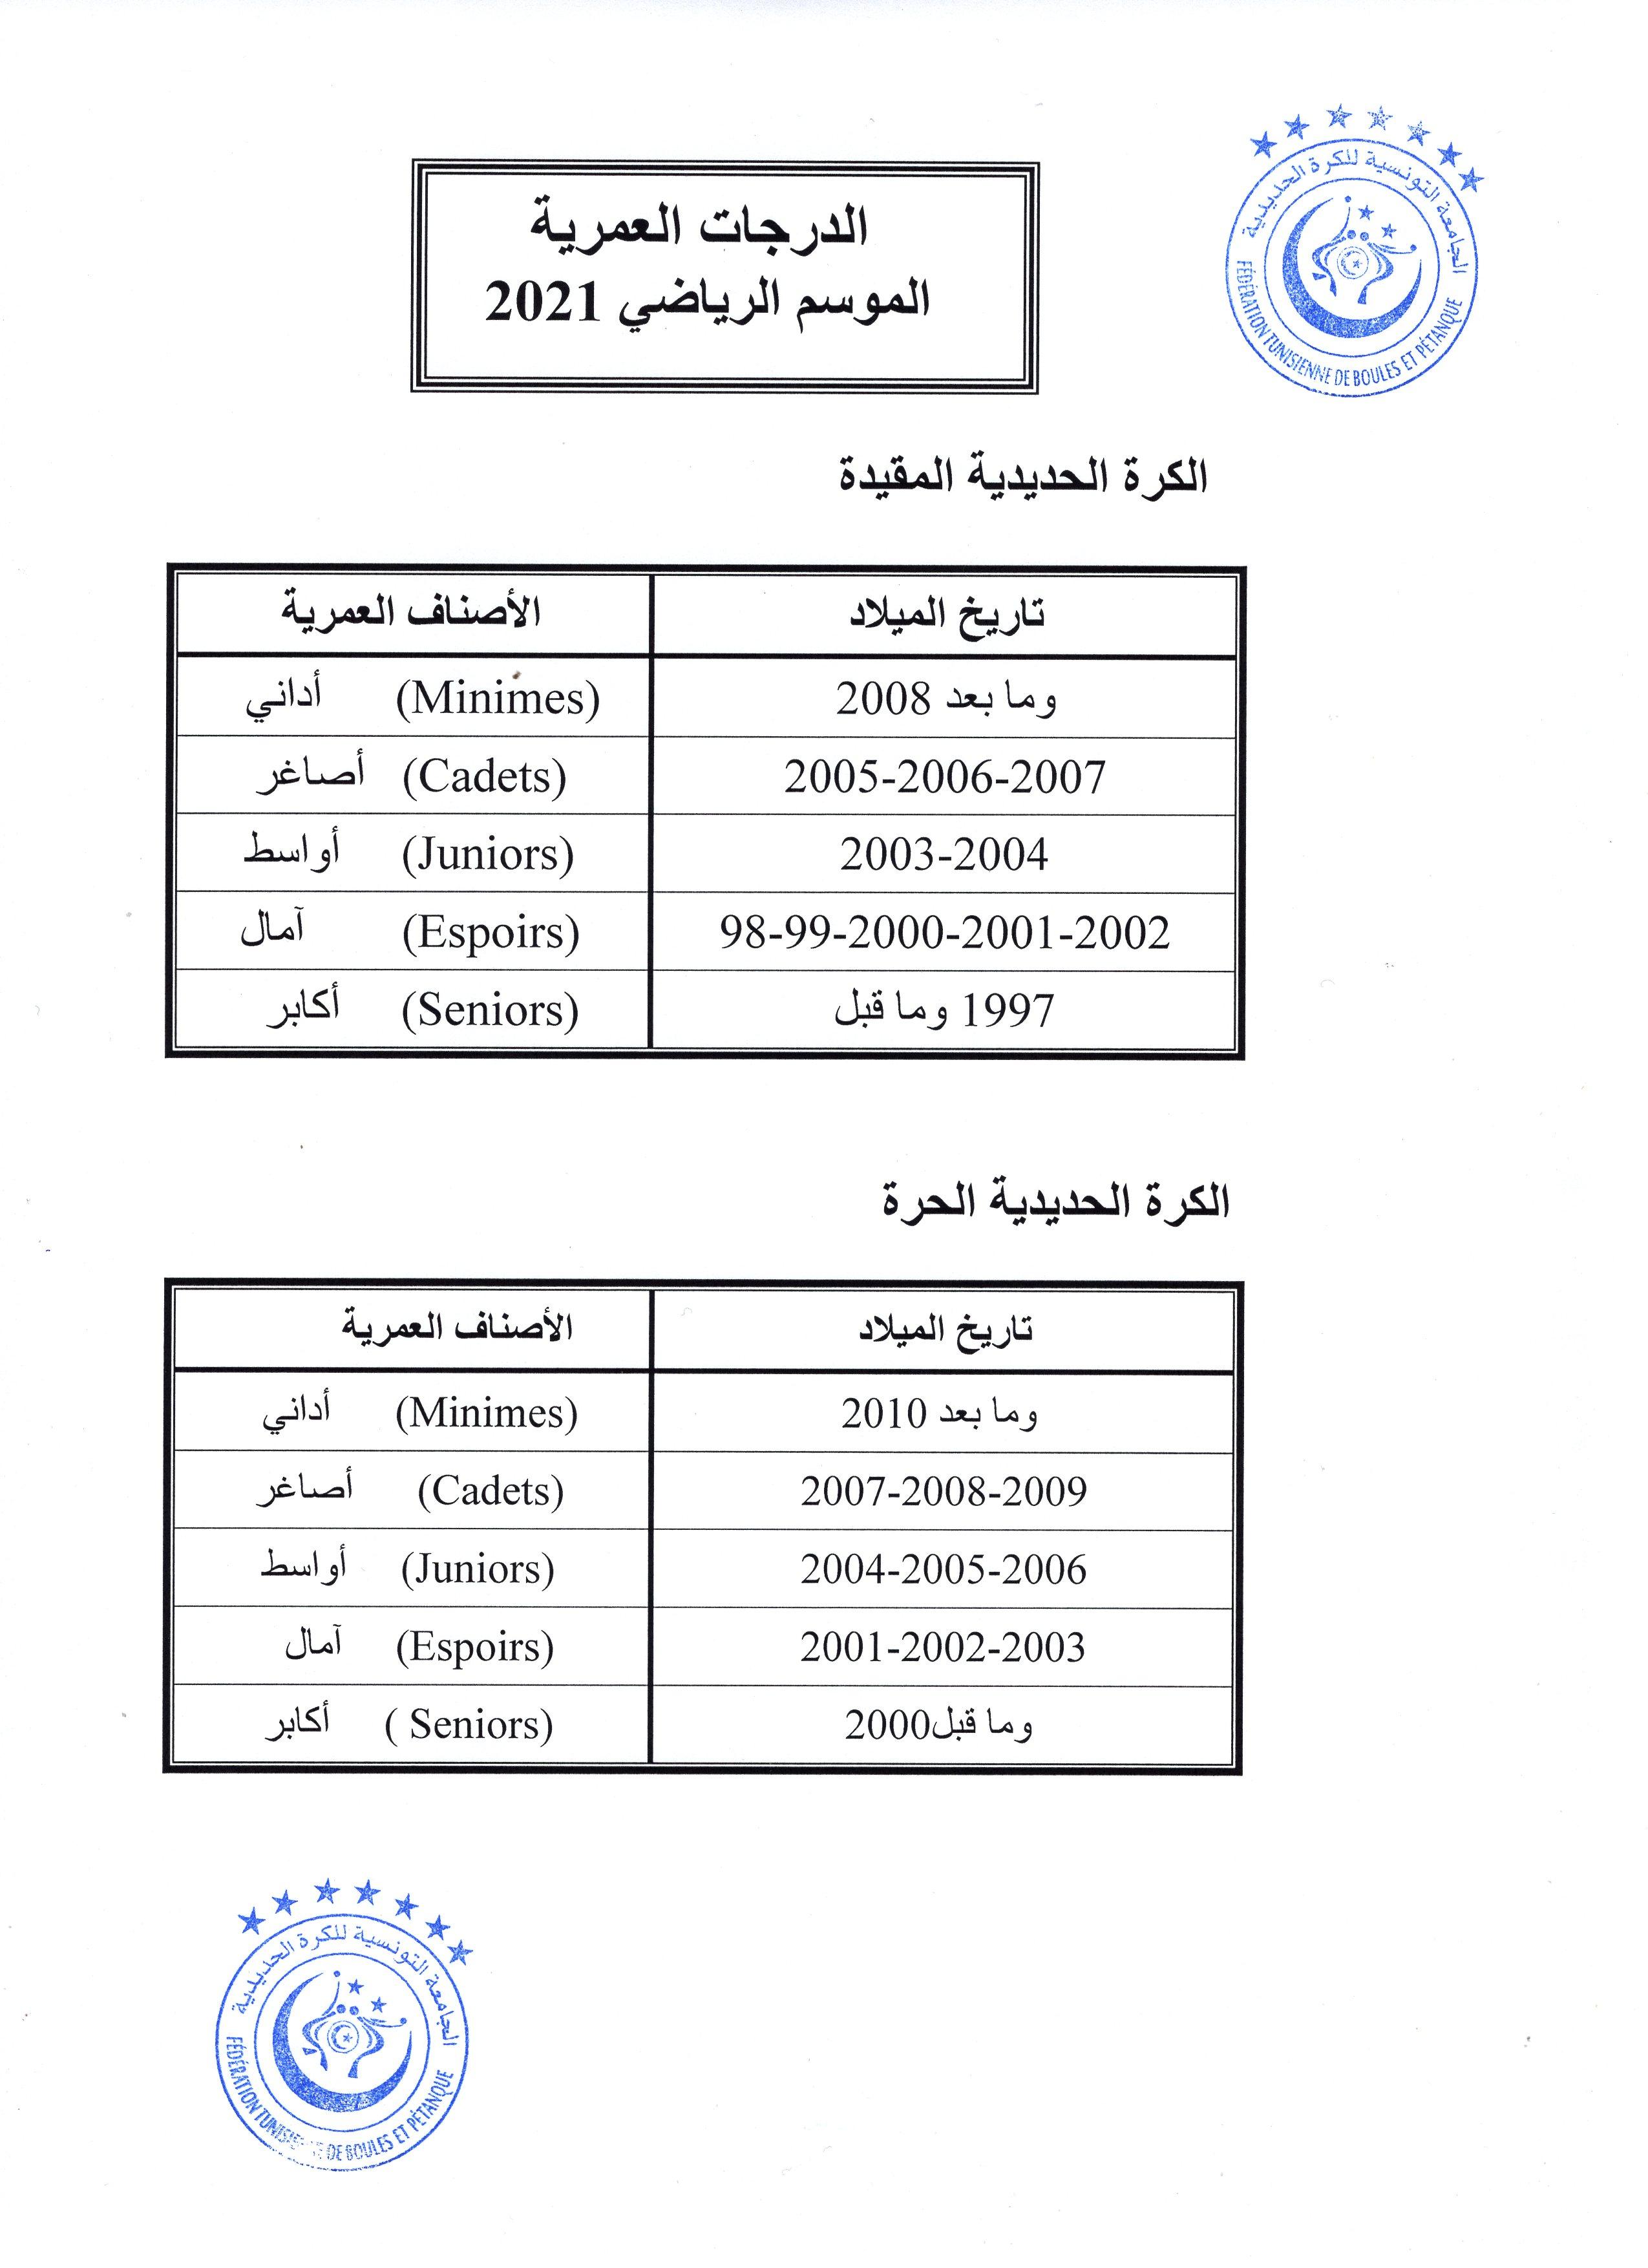 الدرجات العمرية للموسم الرياضي 2021